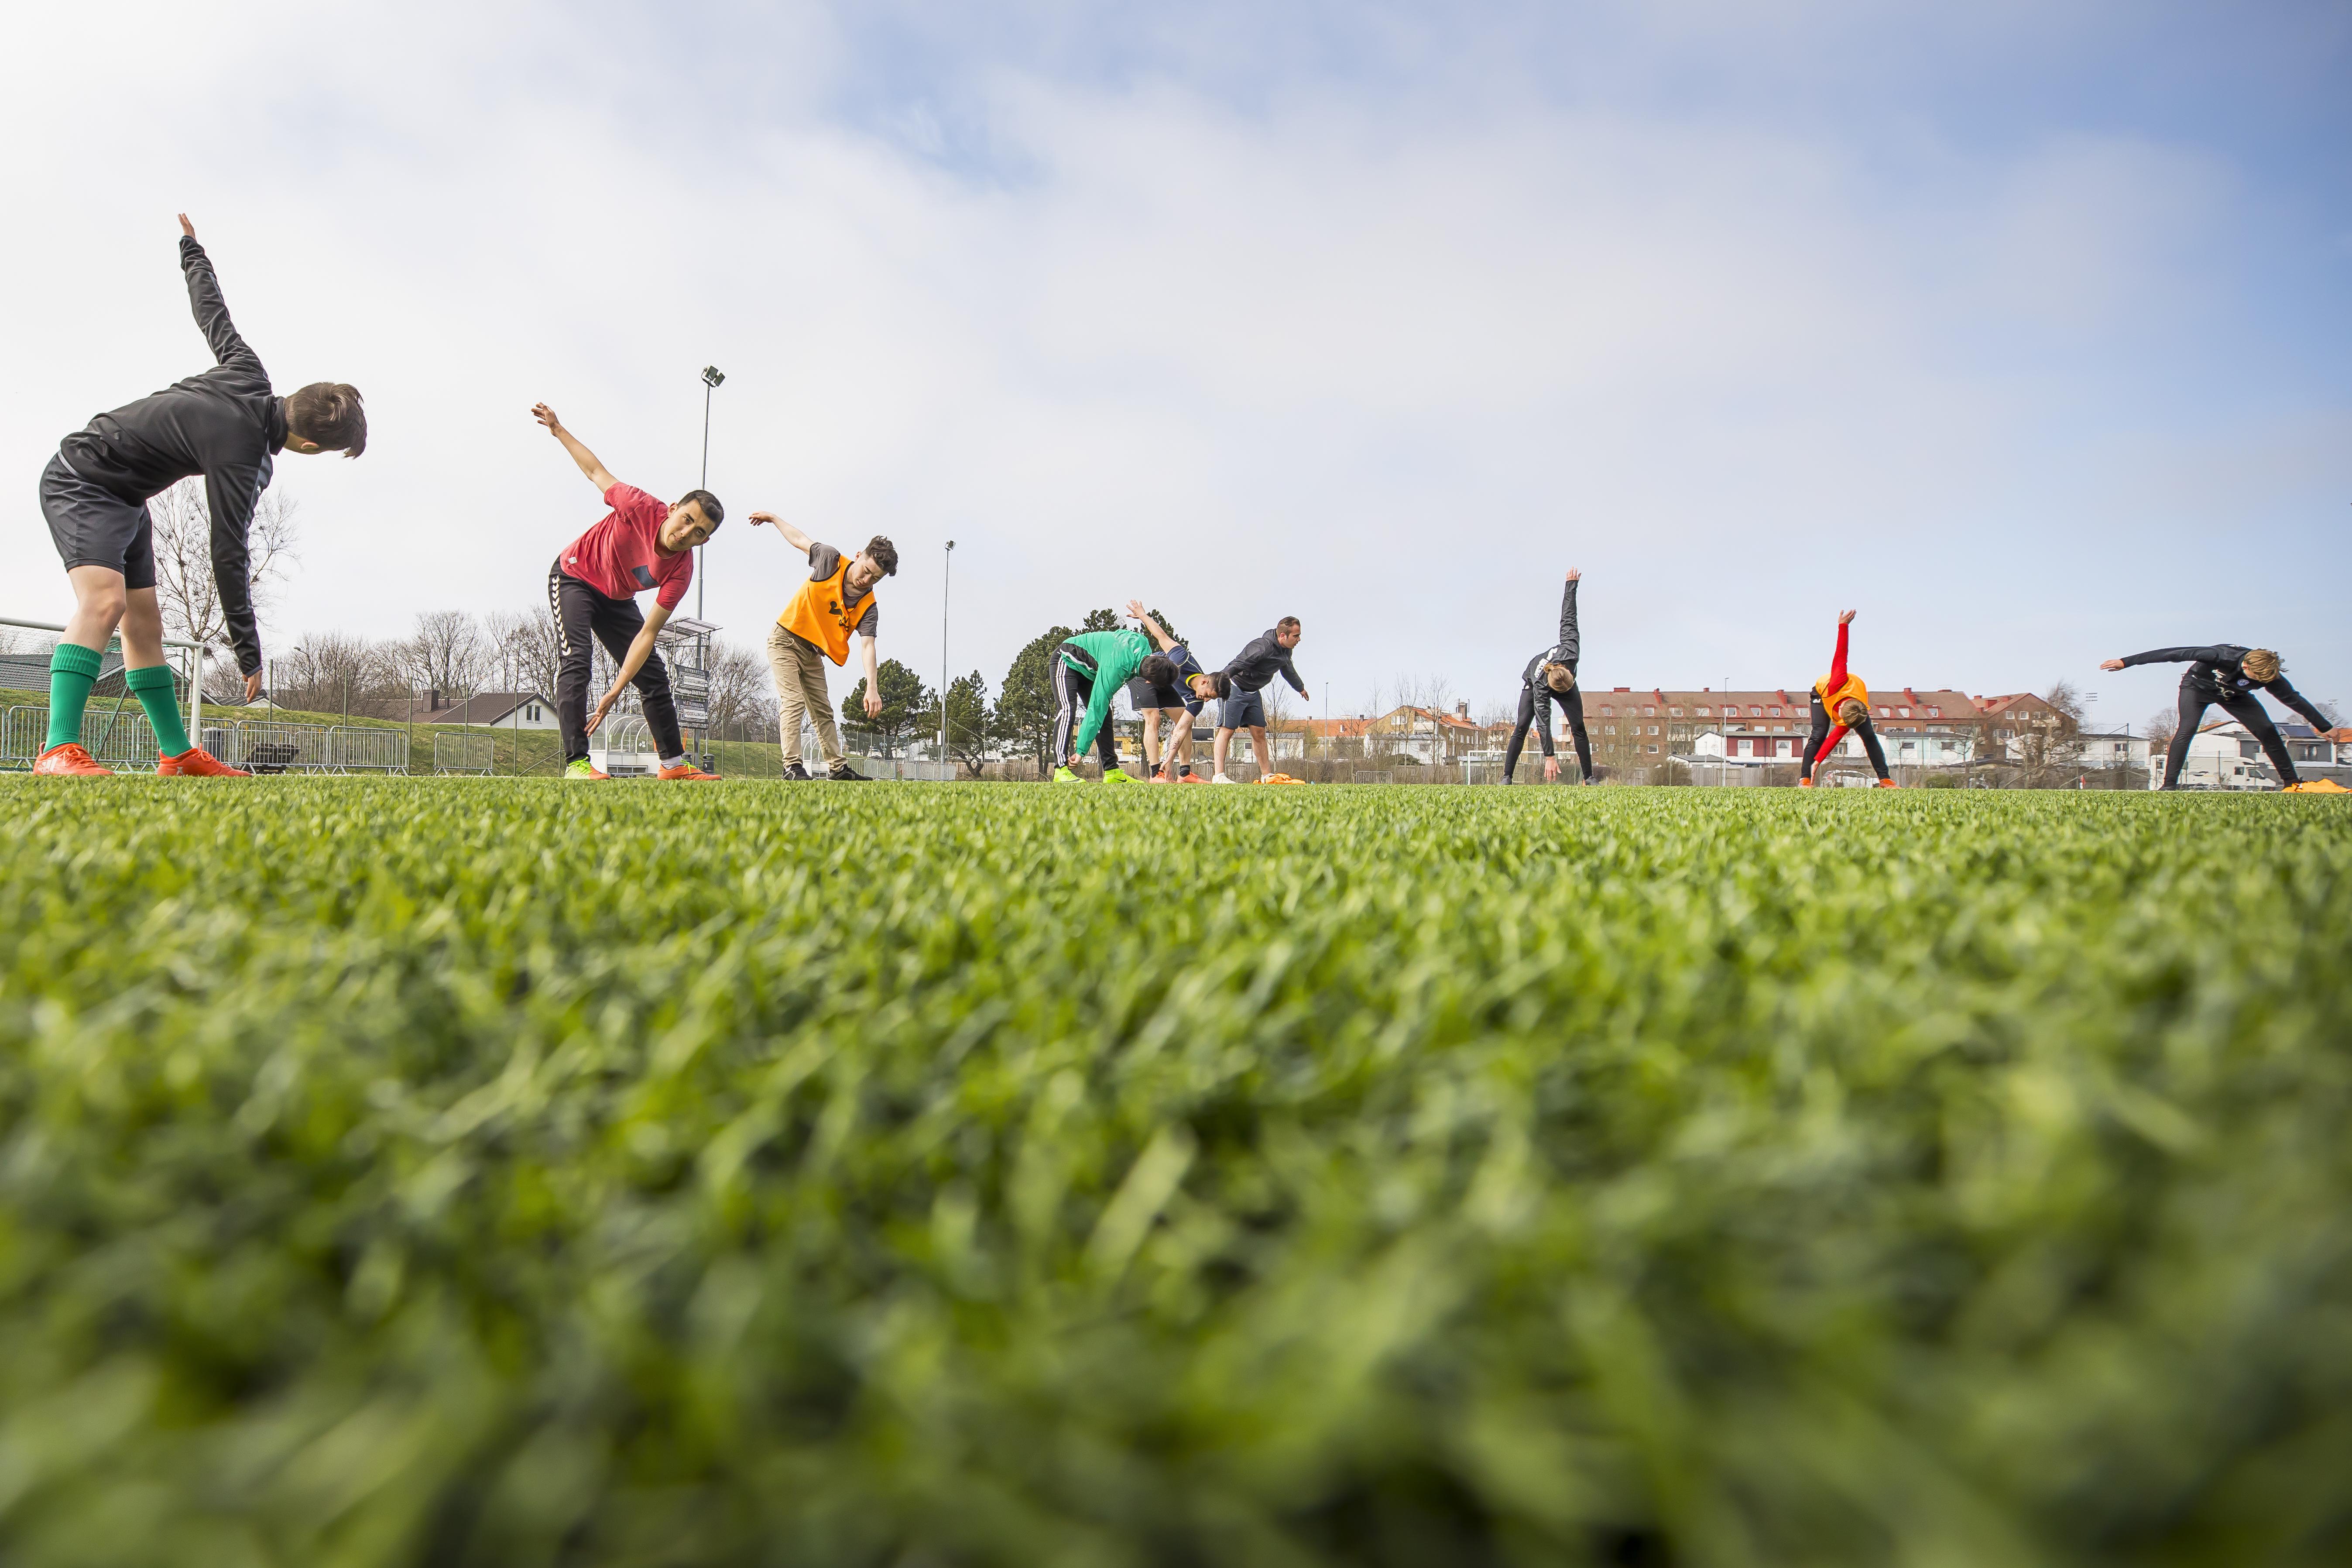 Fotbollsklubbarnas samhällsinsatser uppmärksammas i ny studie